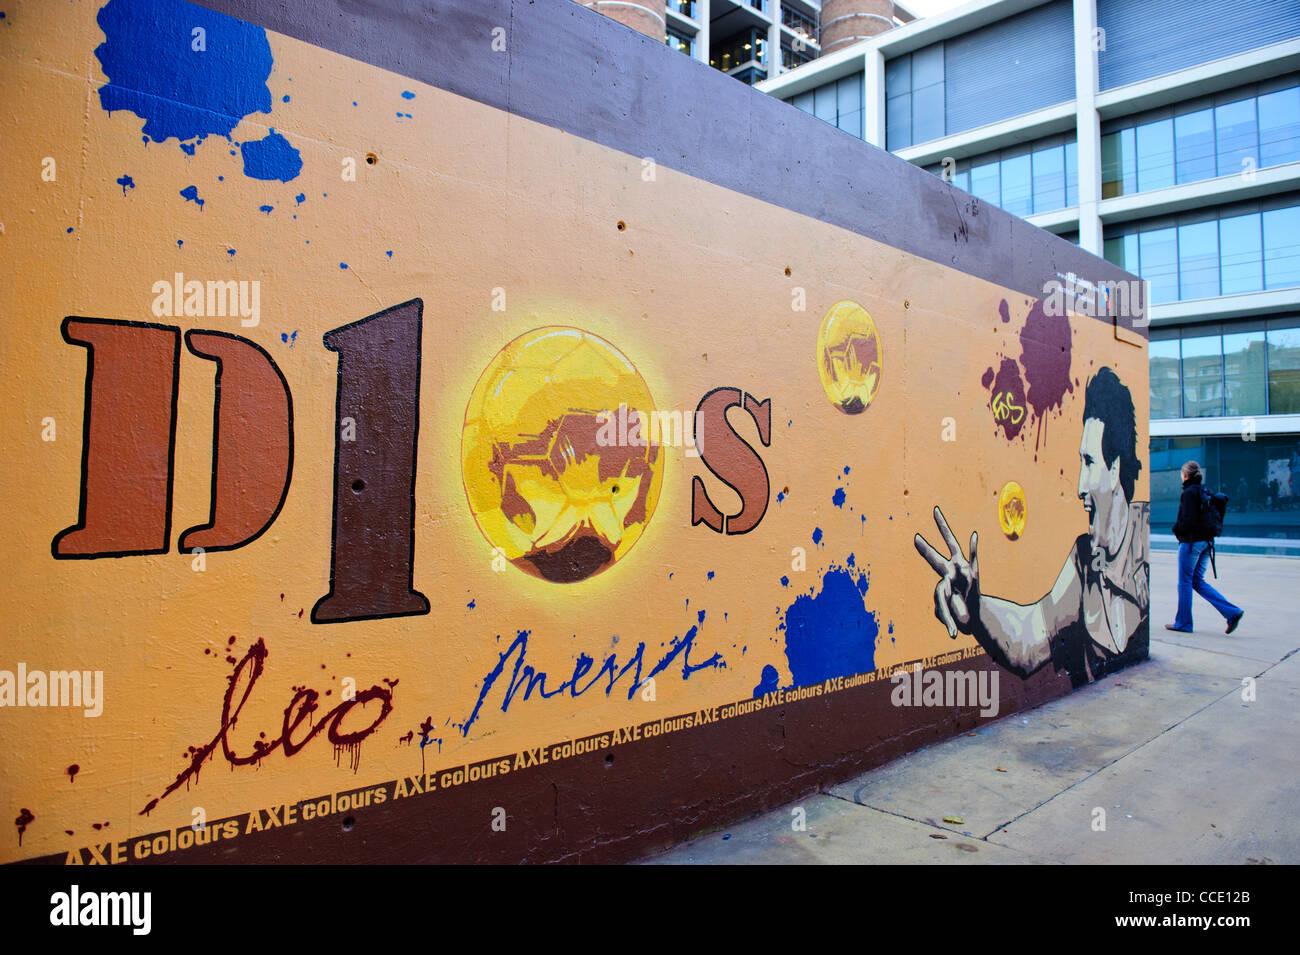 Graffiti wall barcelona -  Lionel Messi Graffiti Tribute Wall In Barcelona Spain Stock Photo